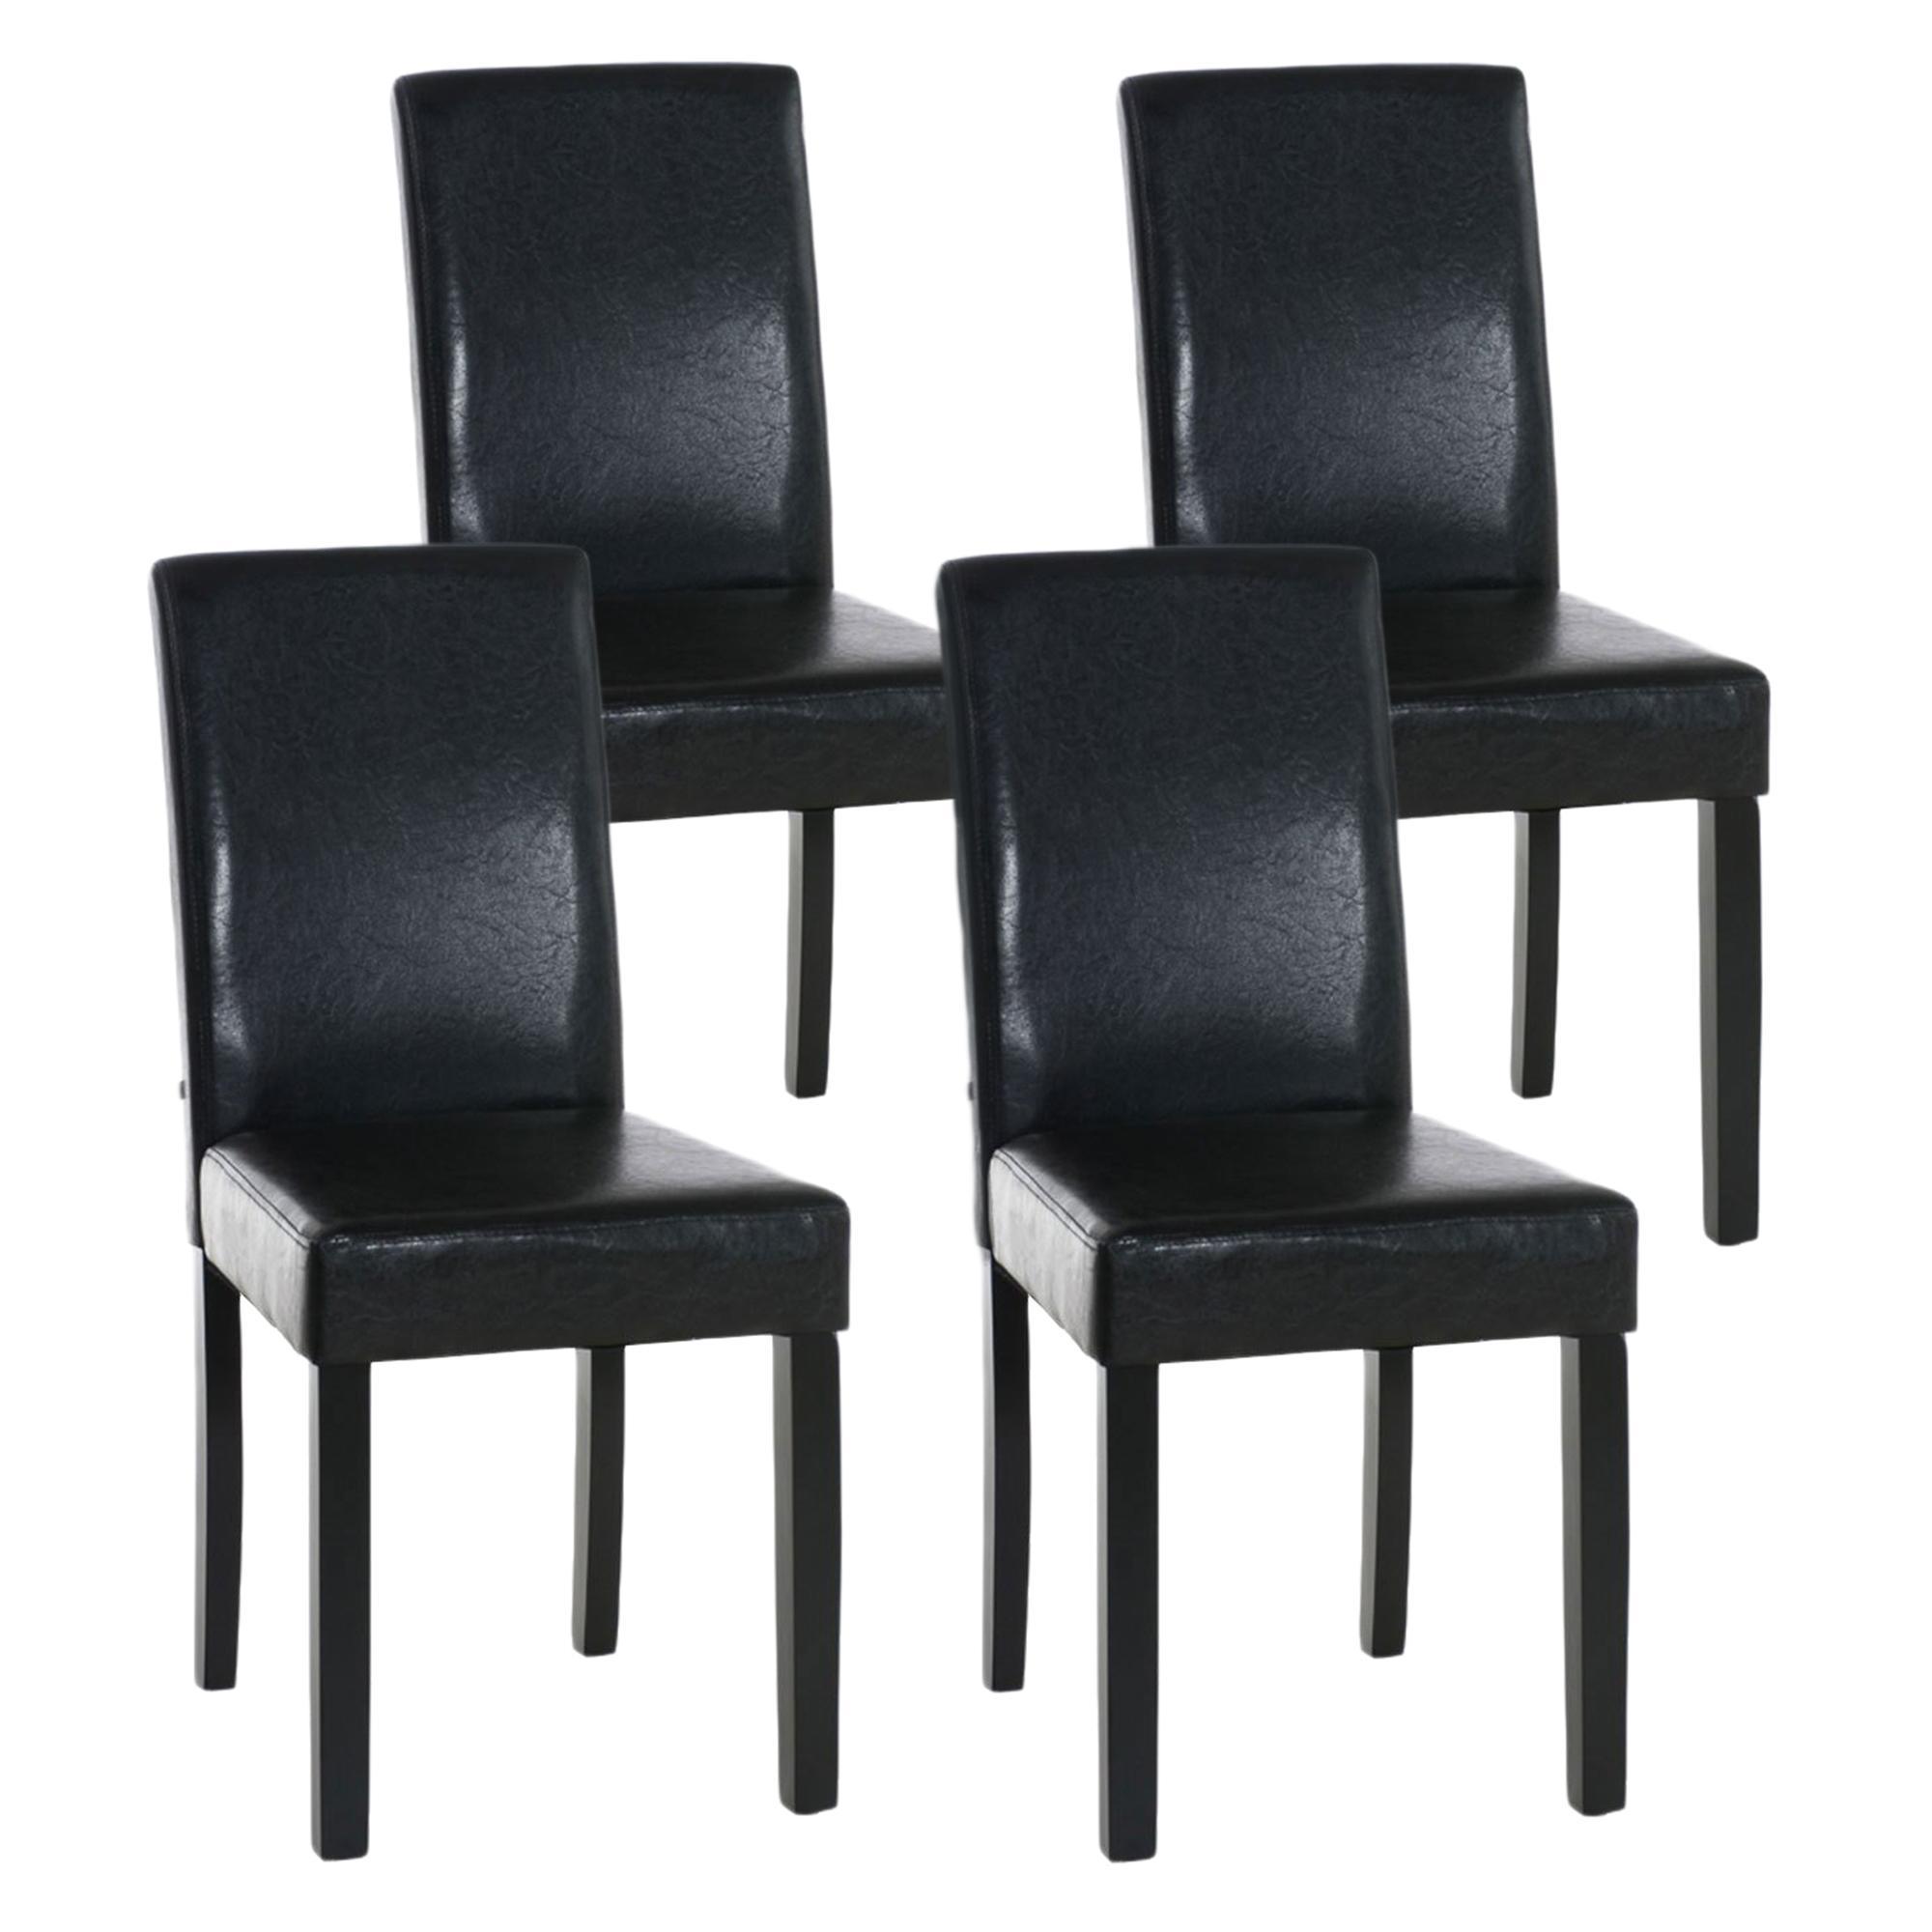 Lote de 4 sillas de comedor capri muy c modas y robustas for Sillas de cuero para comedor